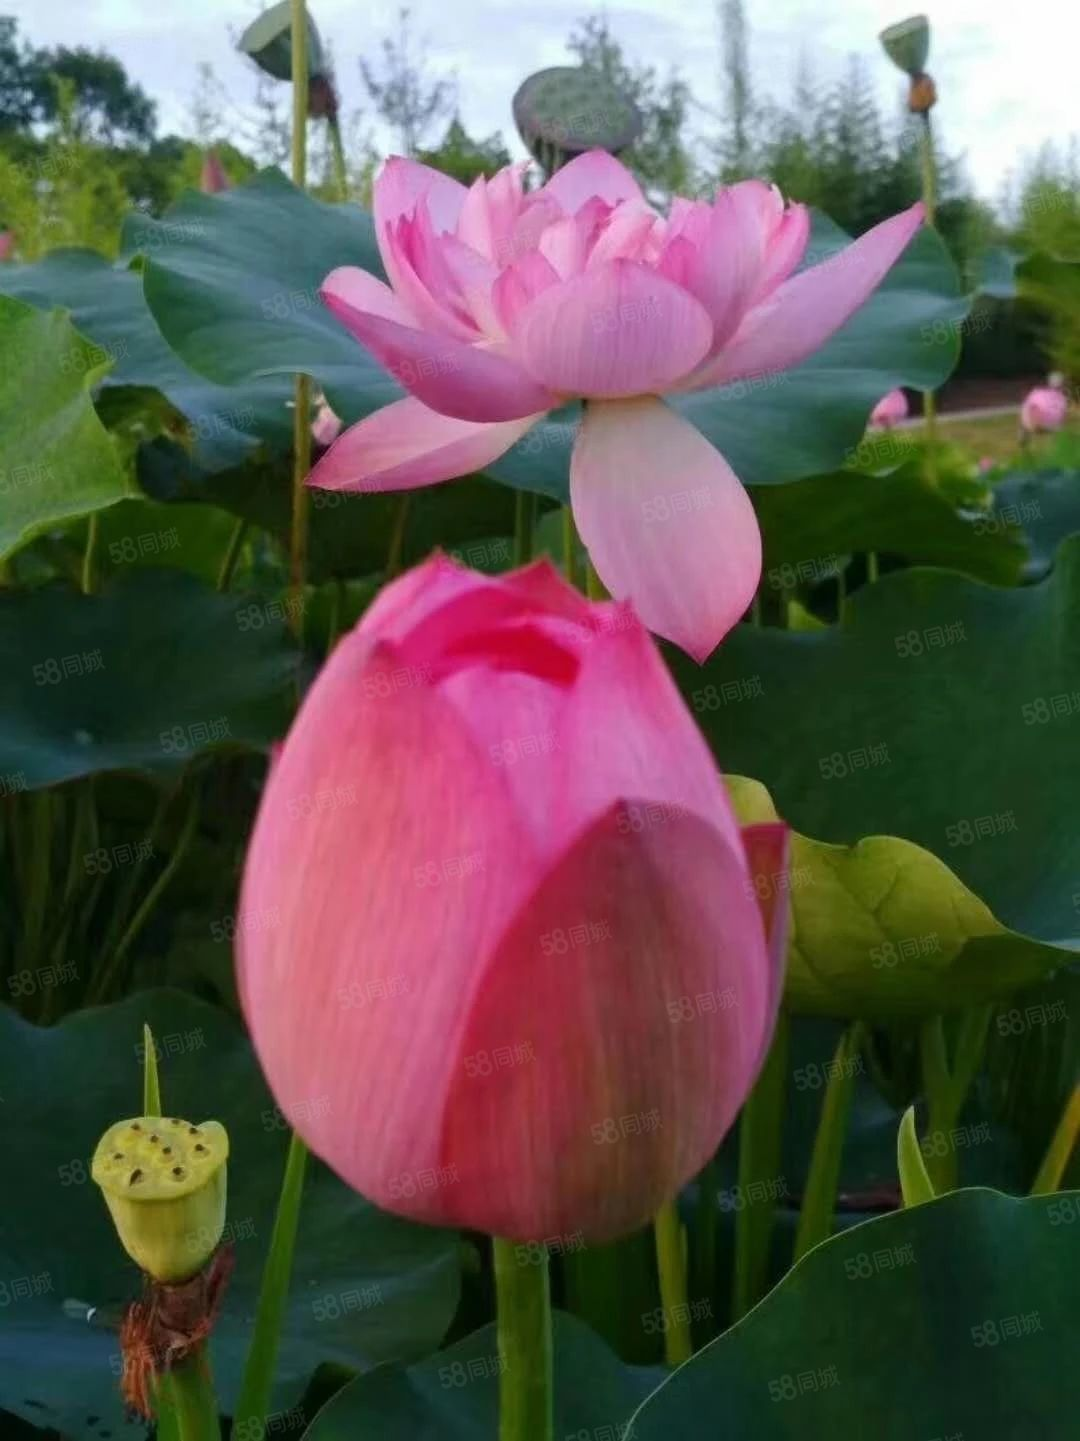 急售仁湖花园清水三室双证齐全全款可优费赠送一花园四十平米